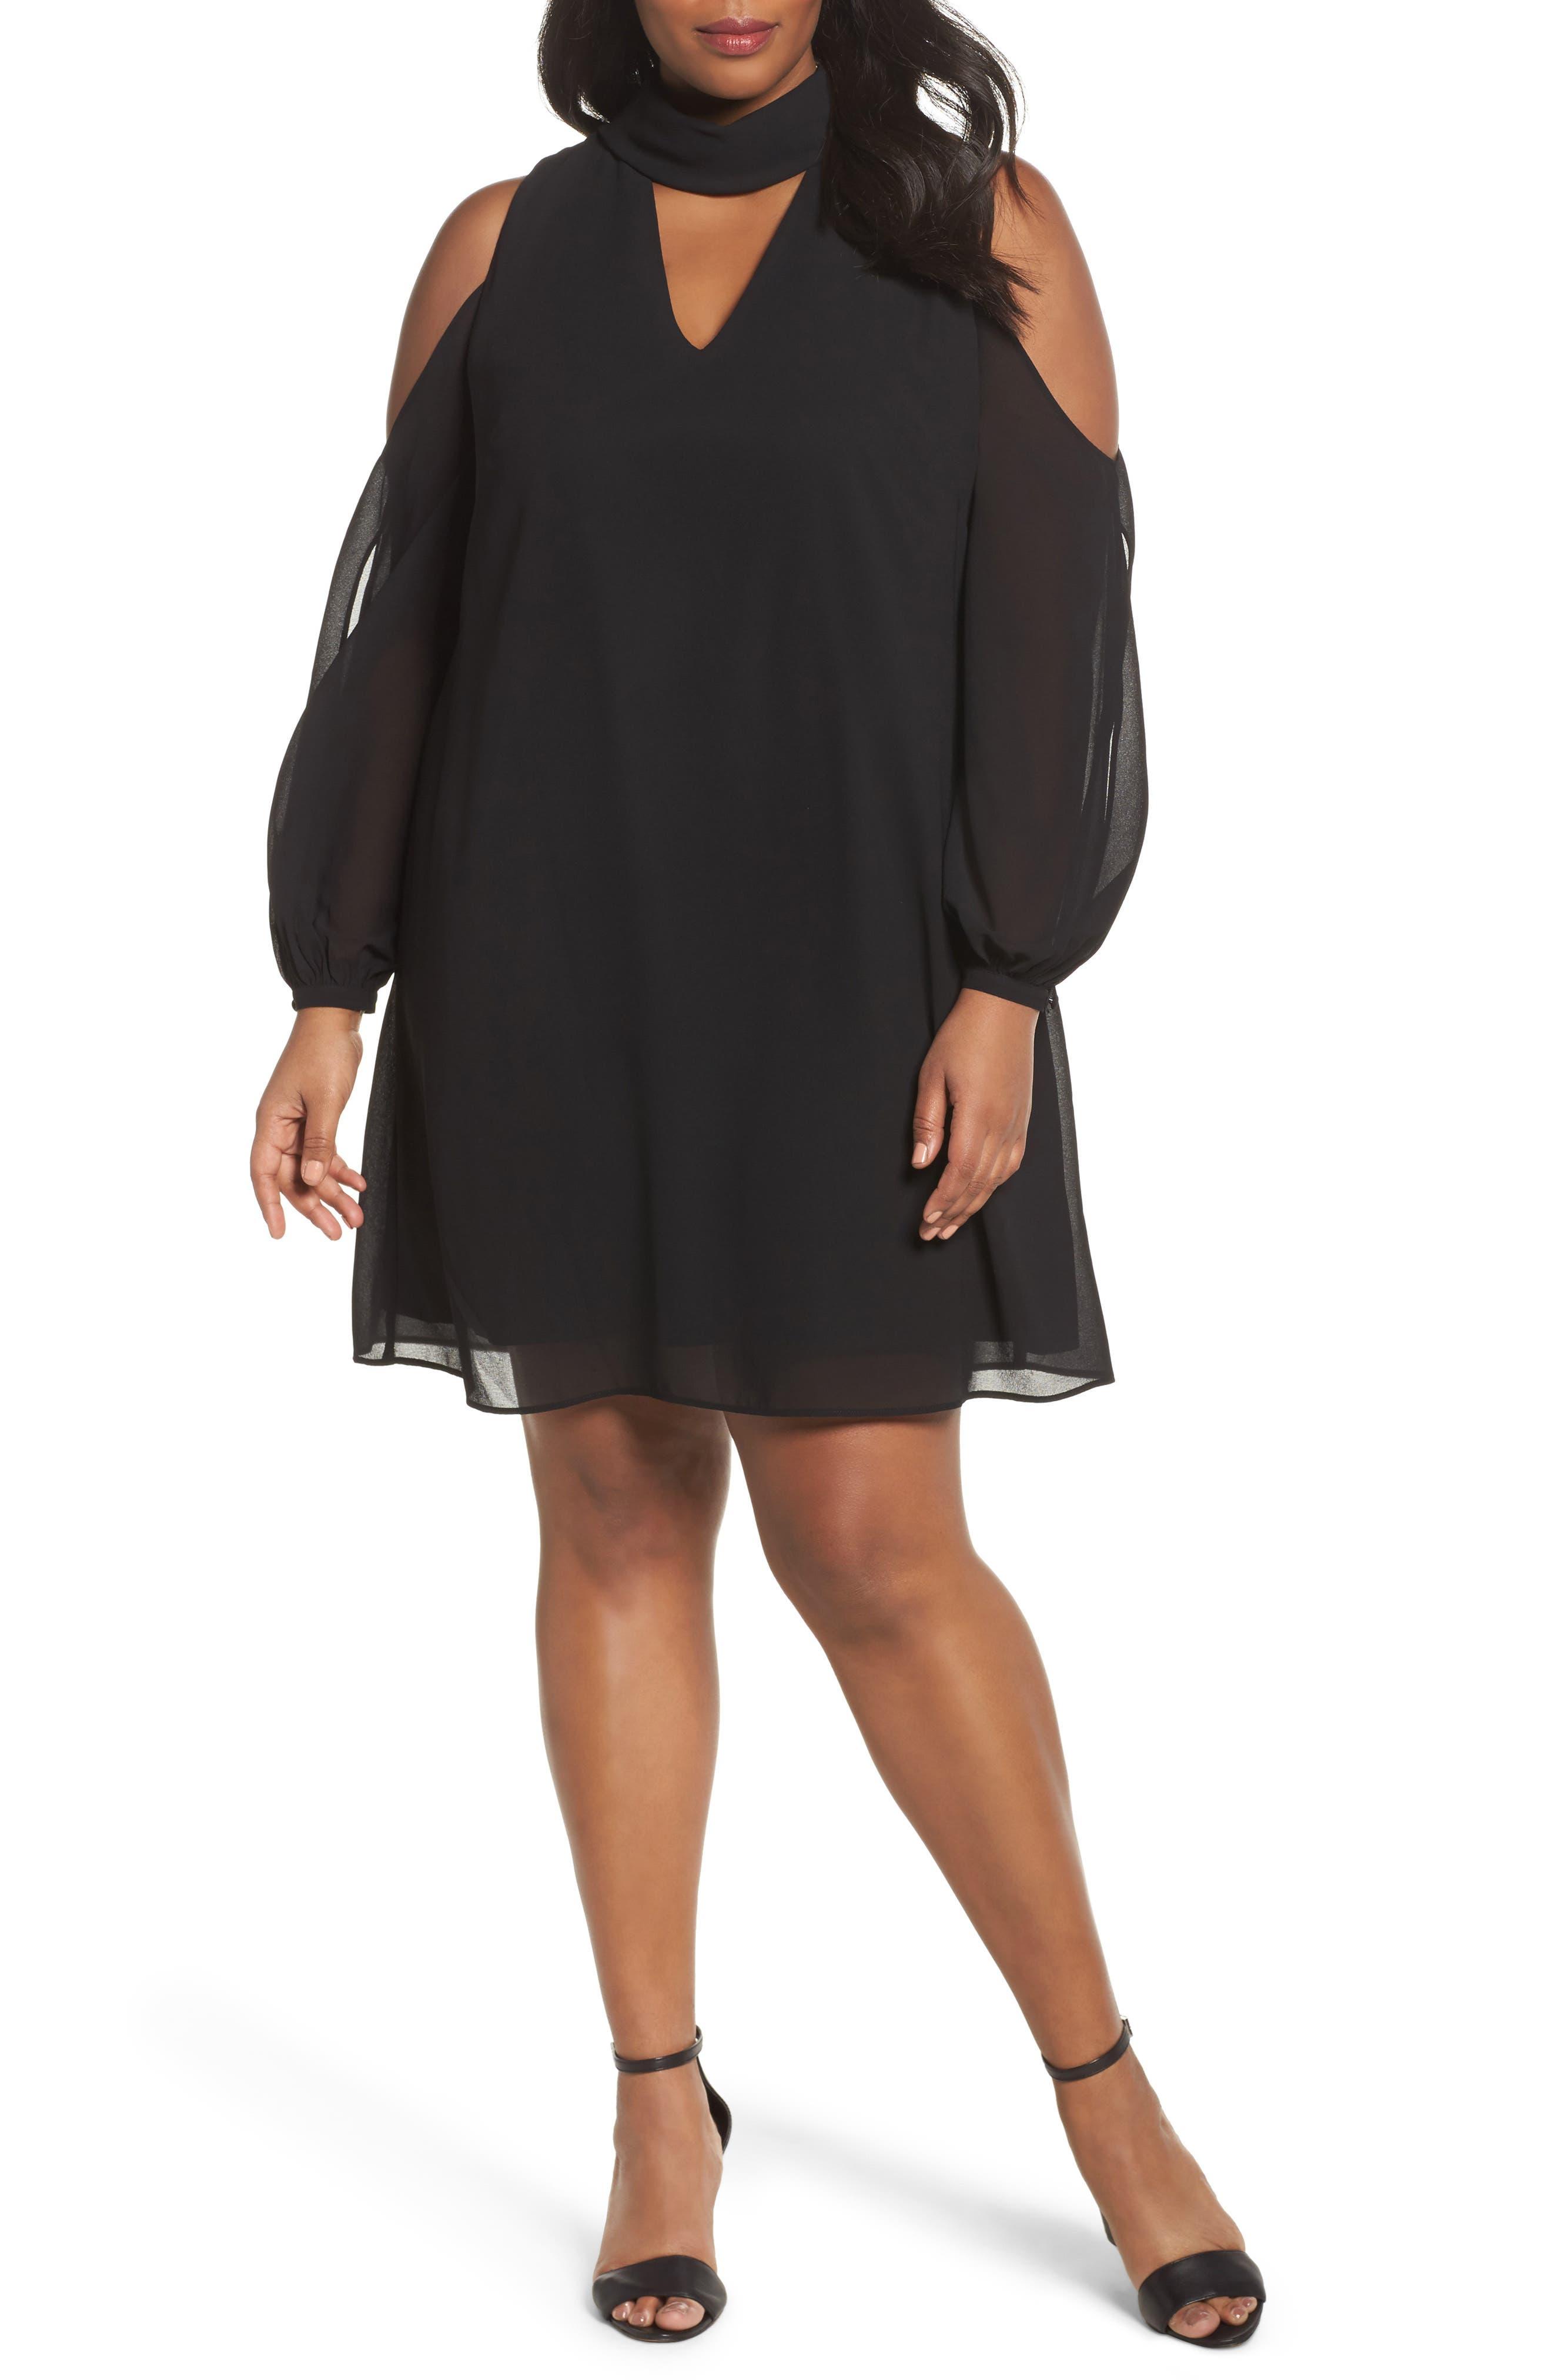 Main Image - Vince Camuto Choker Chiffon Dress (Plus Size)